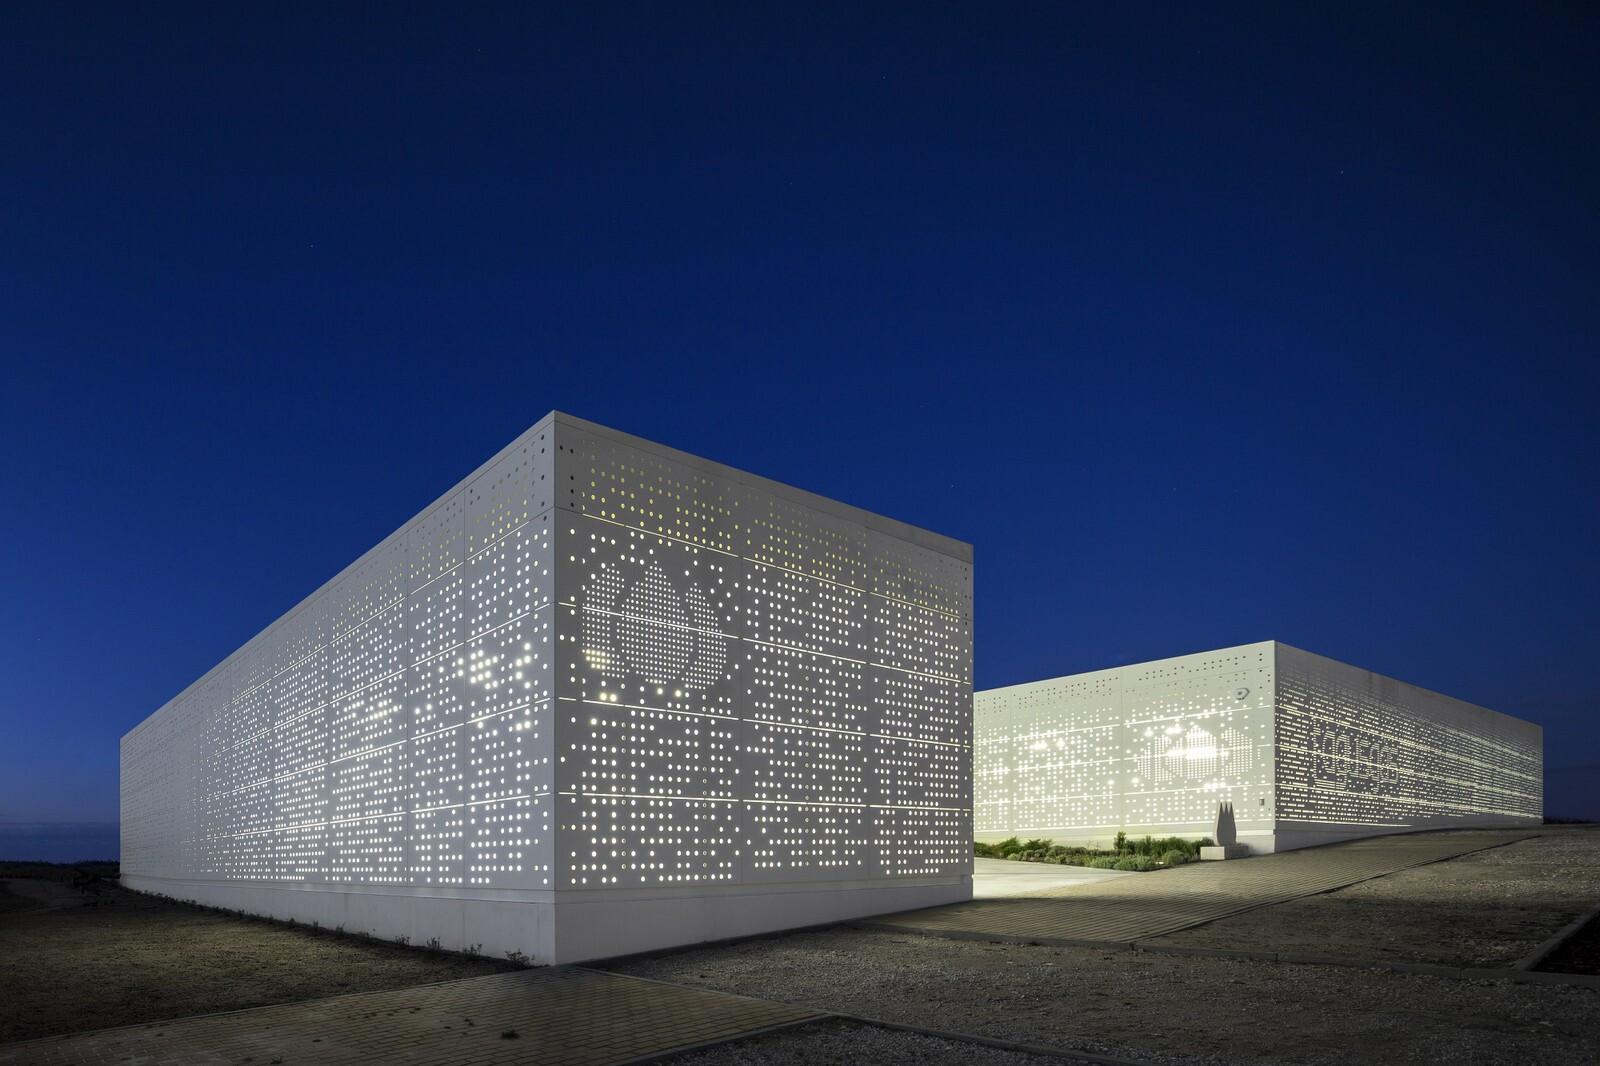 Tagus Gás Head Office Building